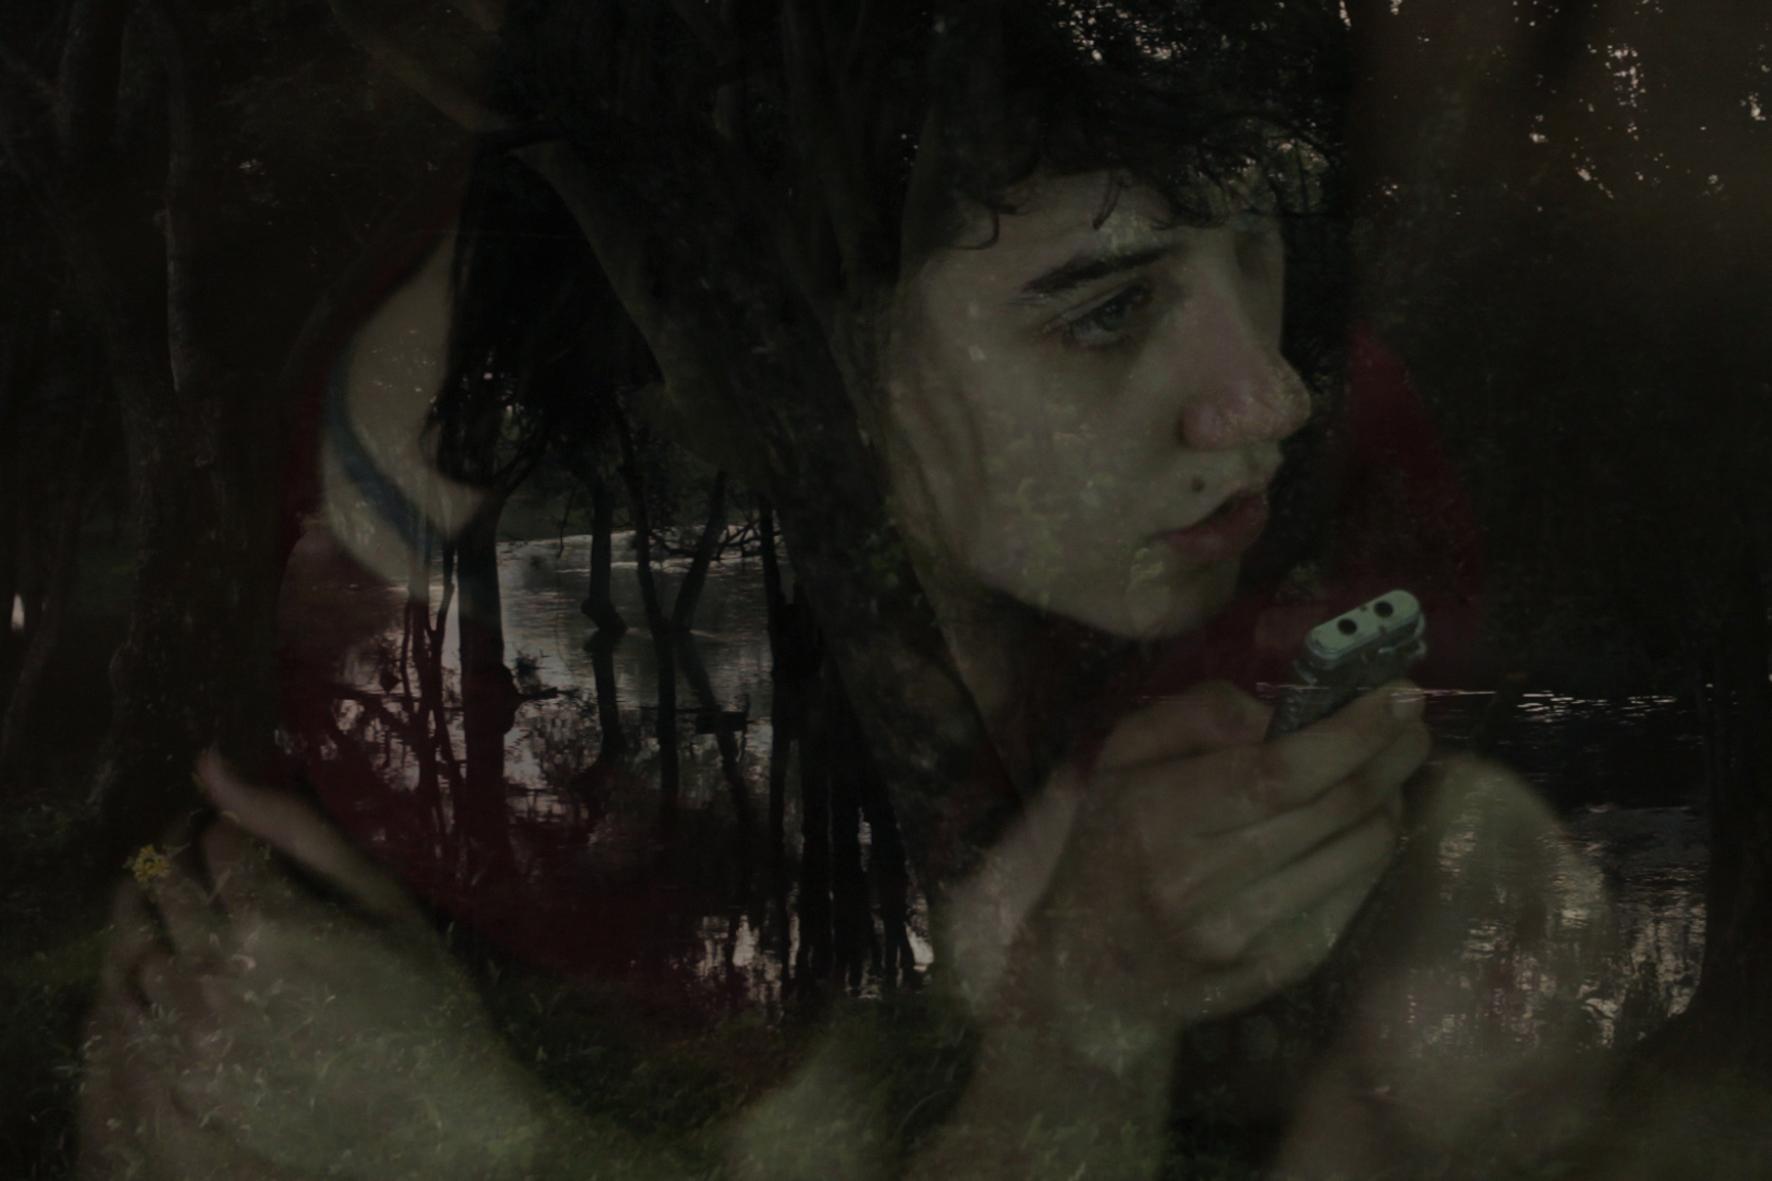 noche-film-still-03